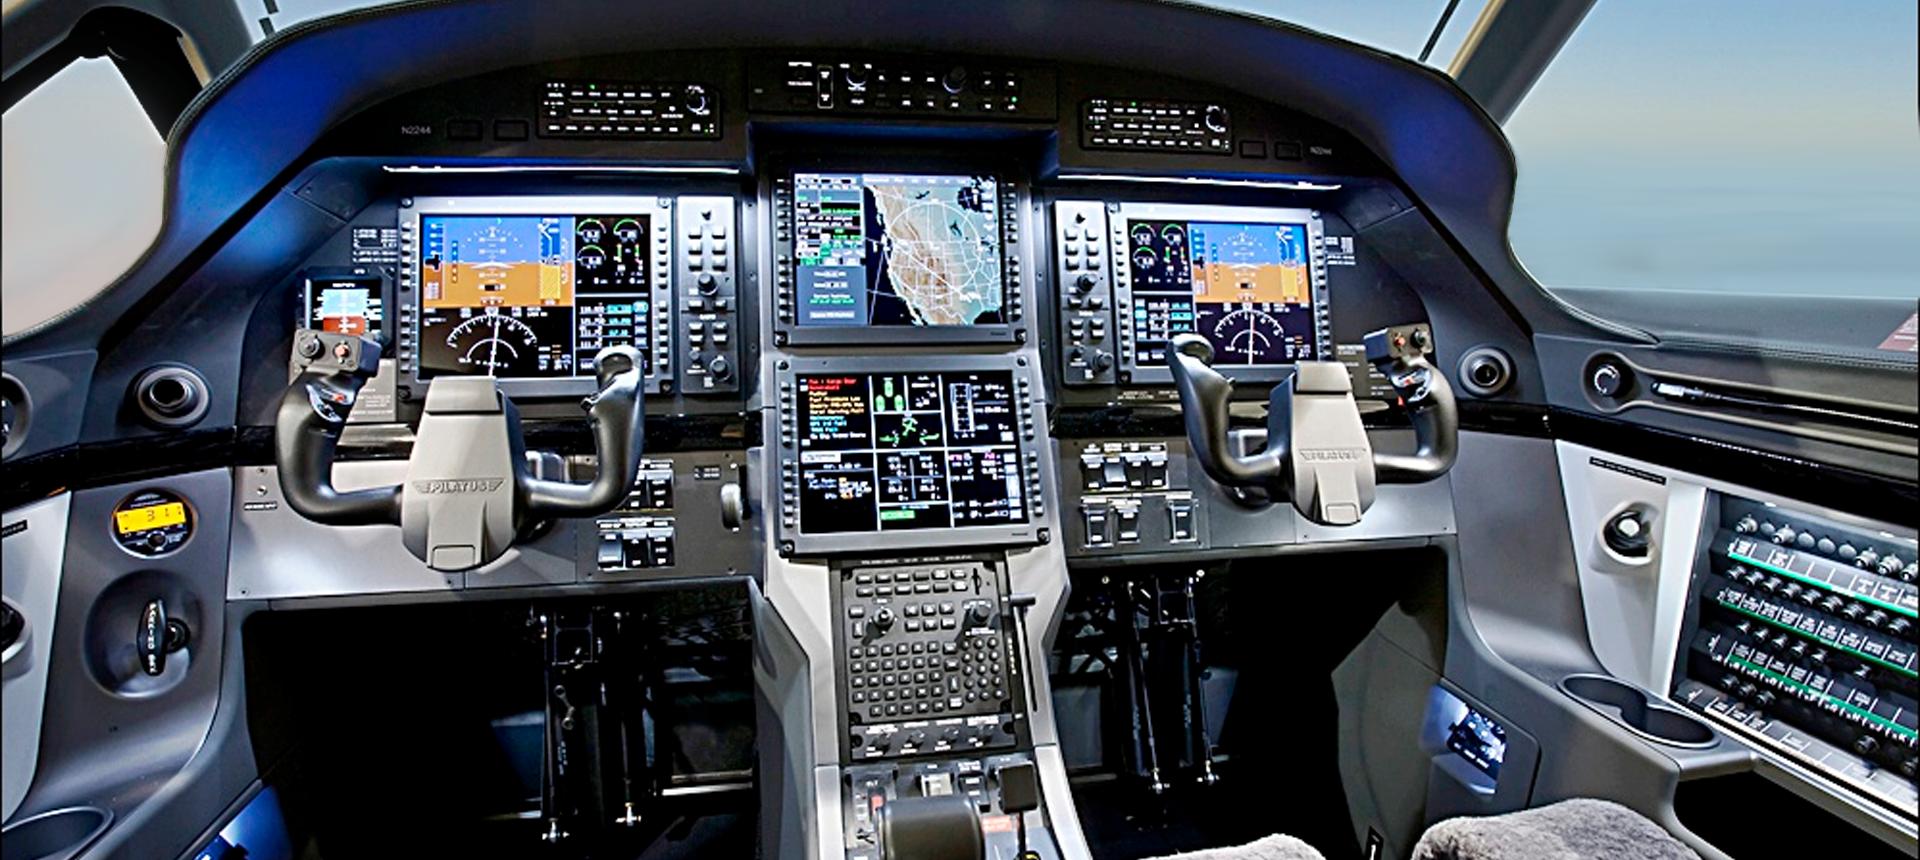 Pilatus PC12NG